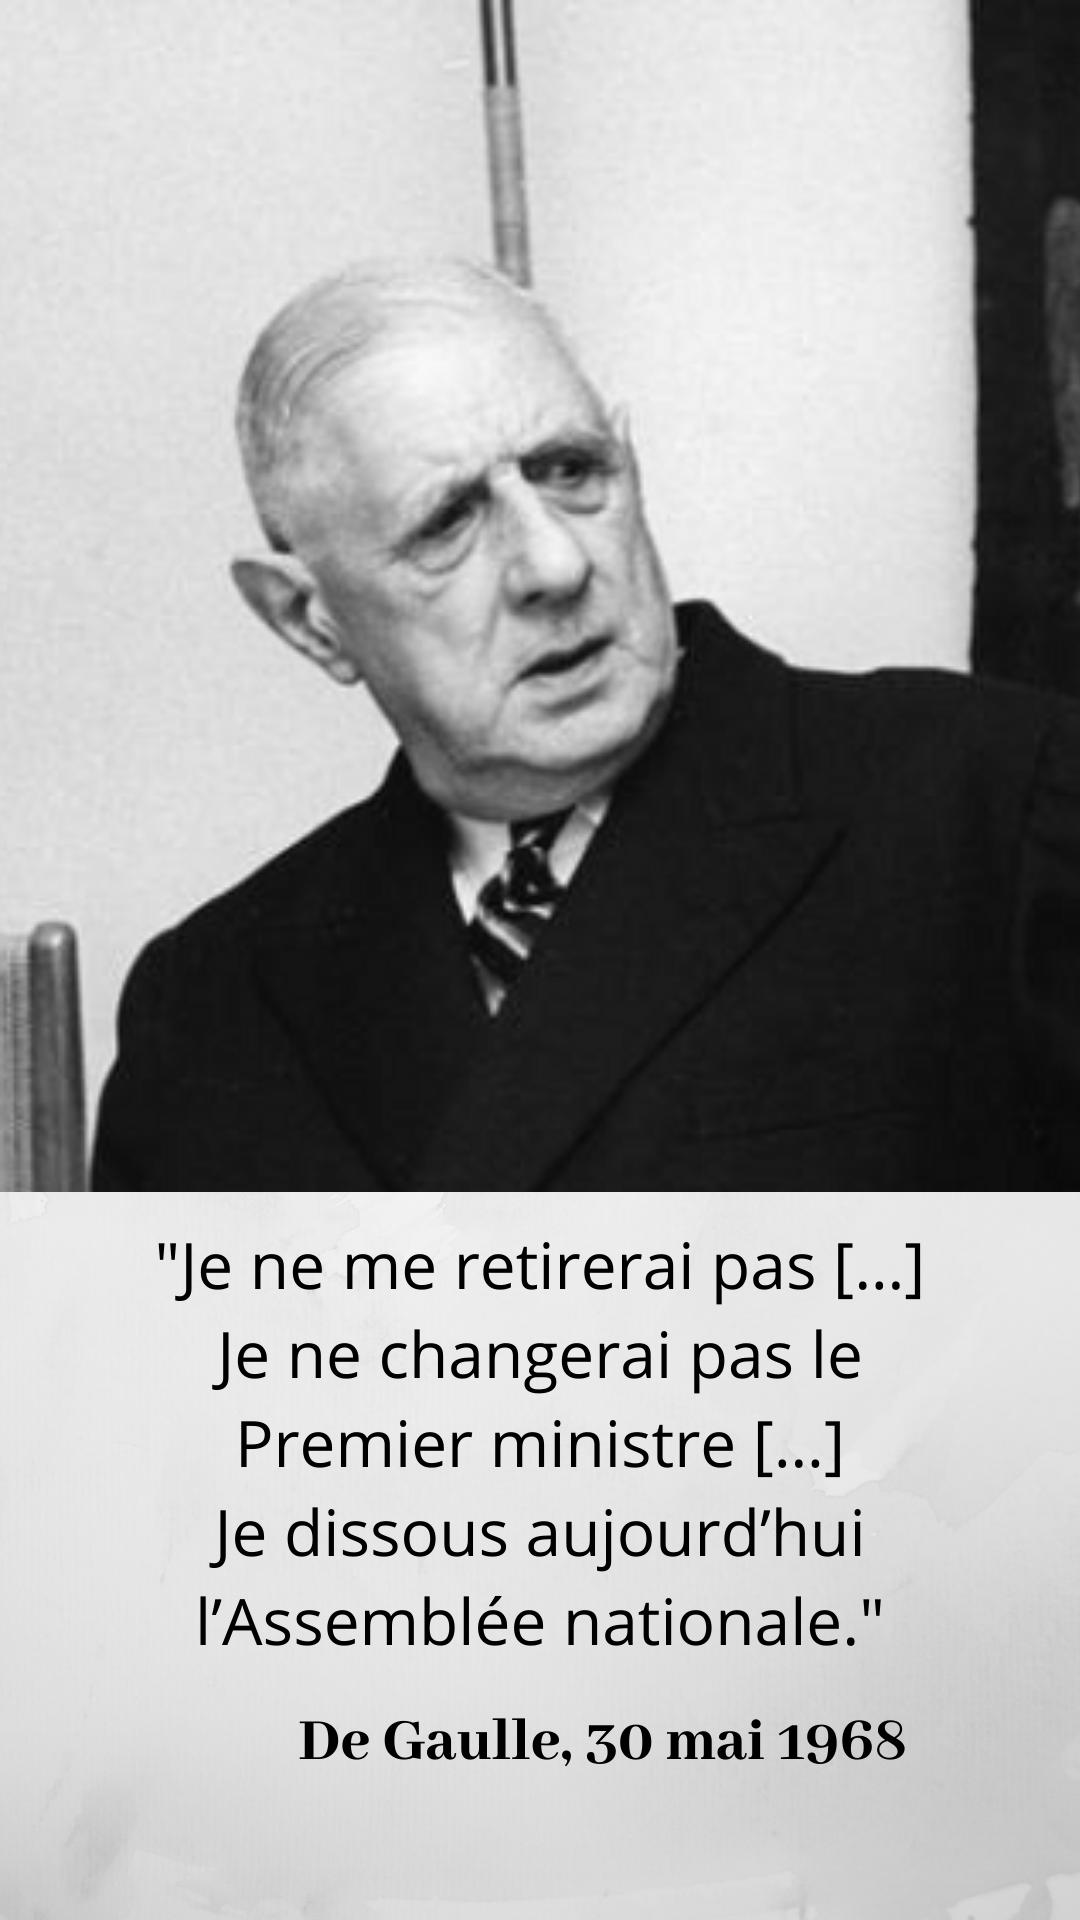 Mais Qui Sont Ces Capitaux Qui Defilaient Sur Les Champs Elysees Citation De Gaulle Gaulle Cinquieme Republique